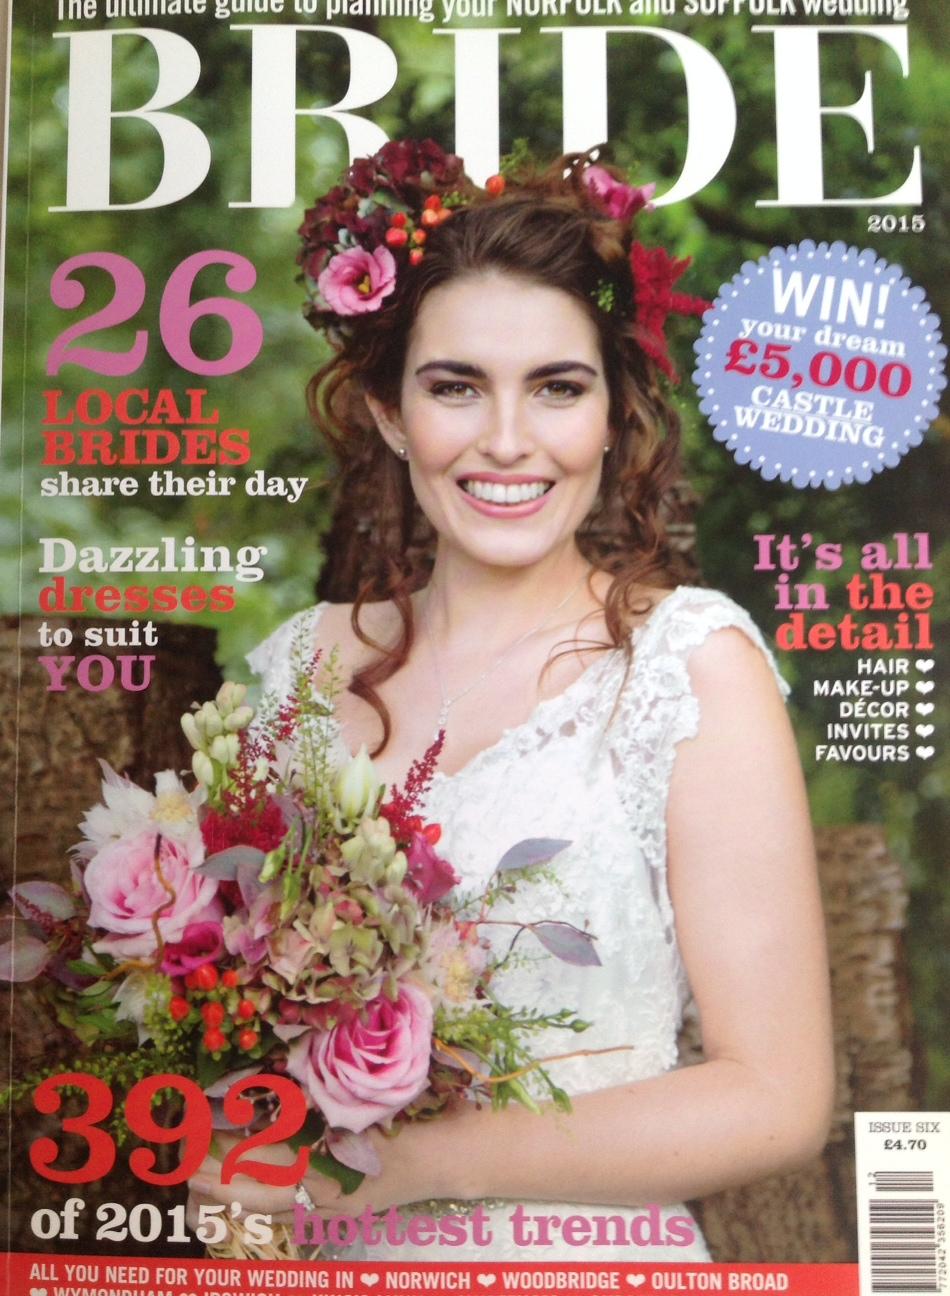 Bride 2015 cover